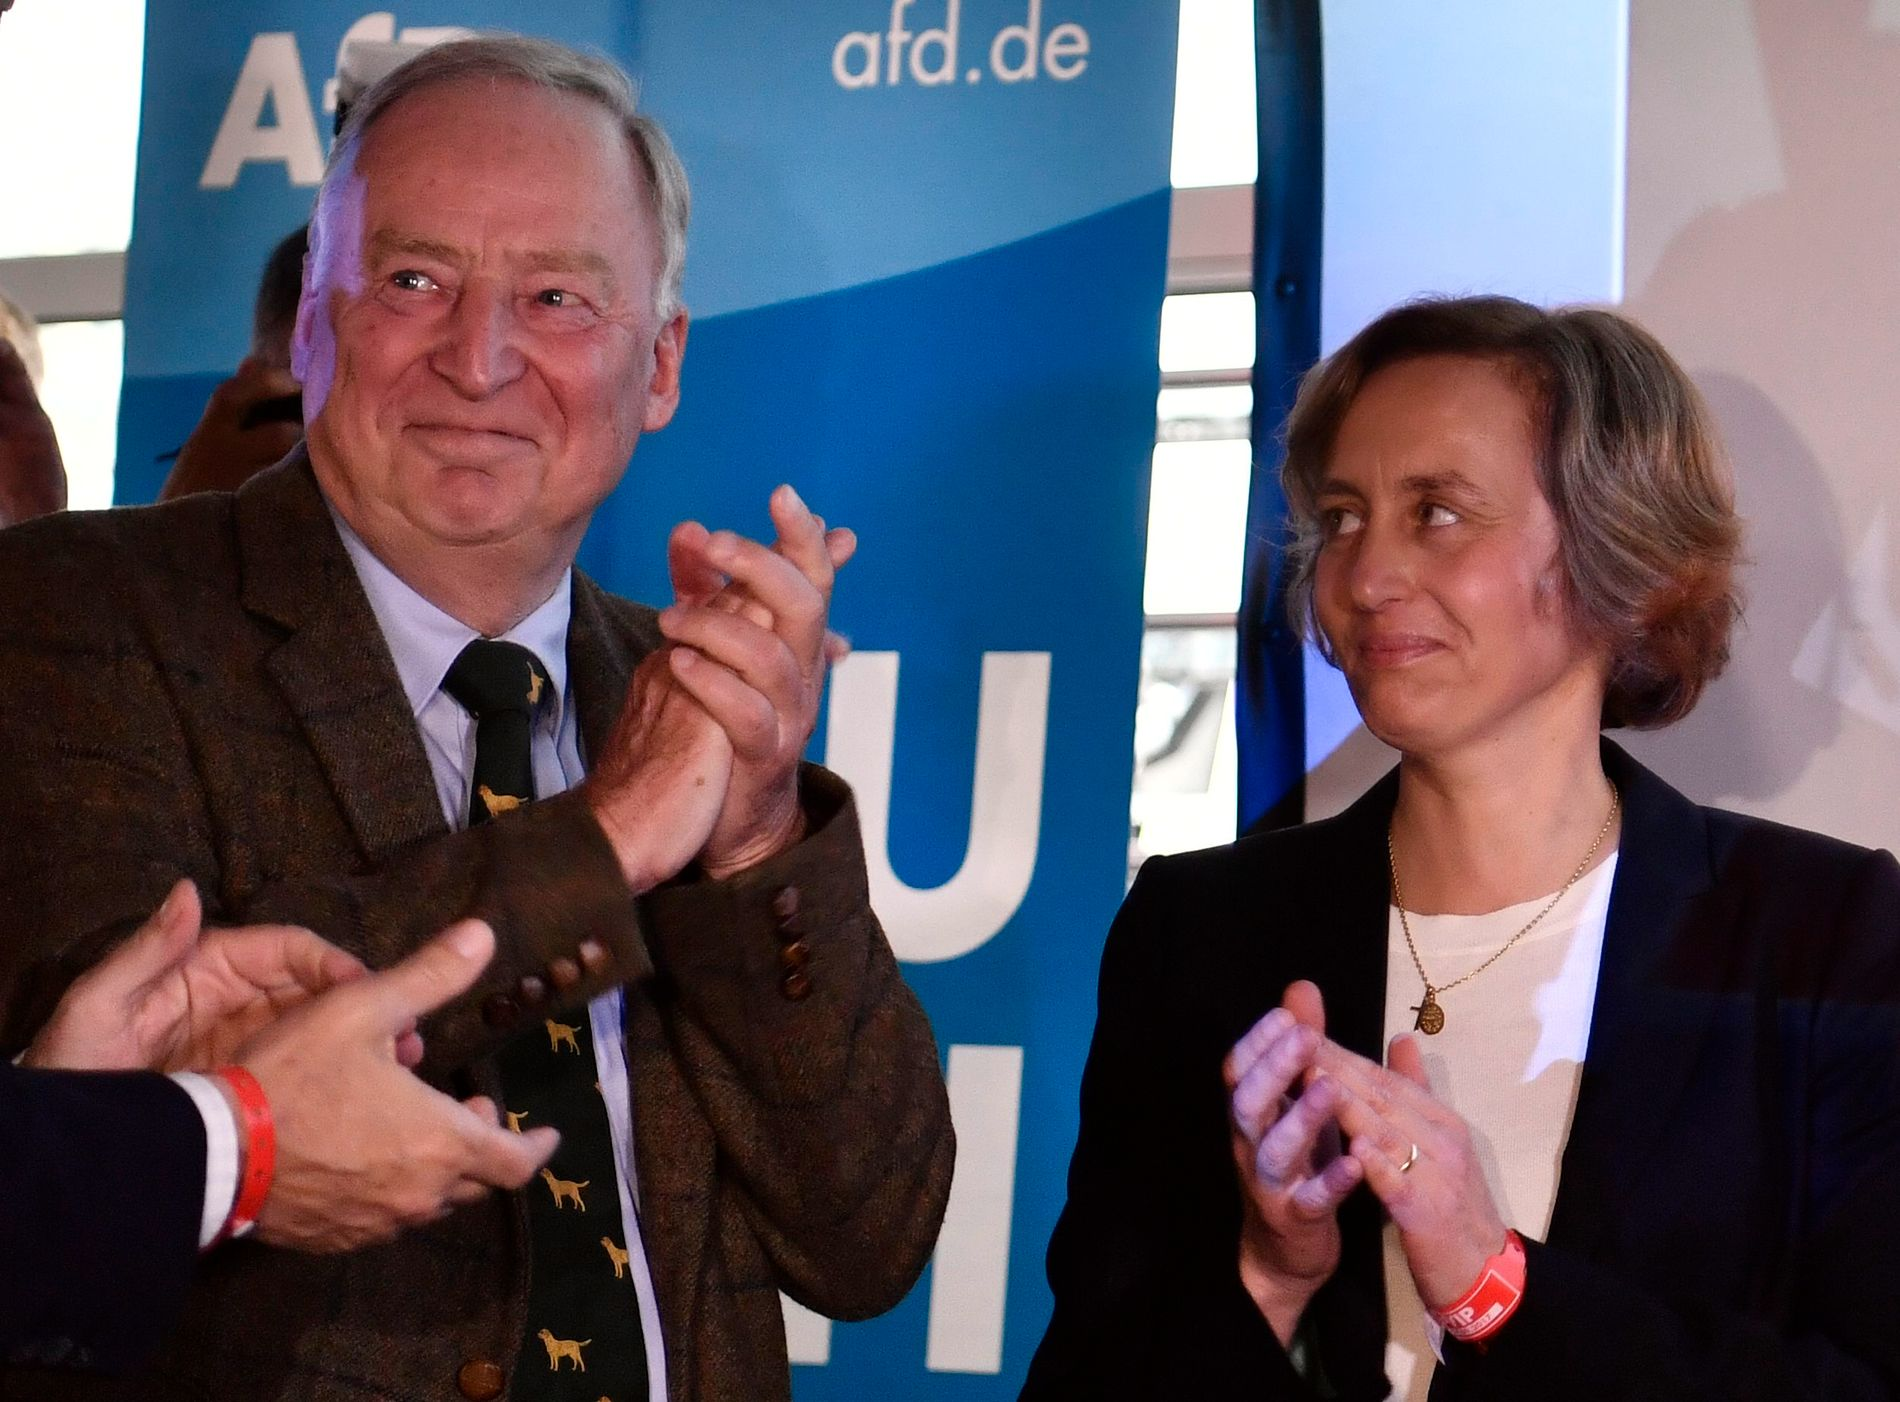 FRA YTRE HØYRE: Alexander Gauland og Beatrix von Storch applauderer prognosene som ble offentliggjort etter at valglokalene stengte. Gauland er en av partiets to ledere og von Stroch er en fremtredende figur i det svært innvandringskritiske partiet.